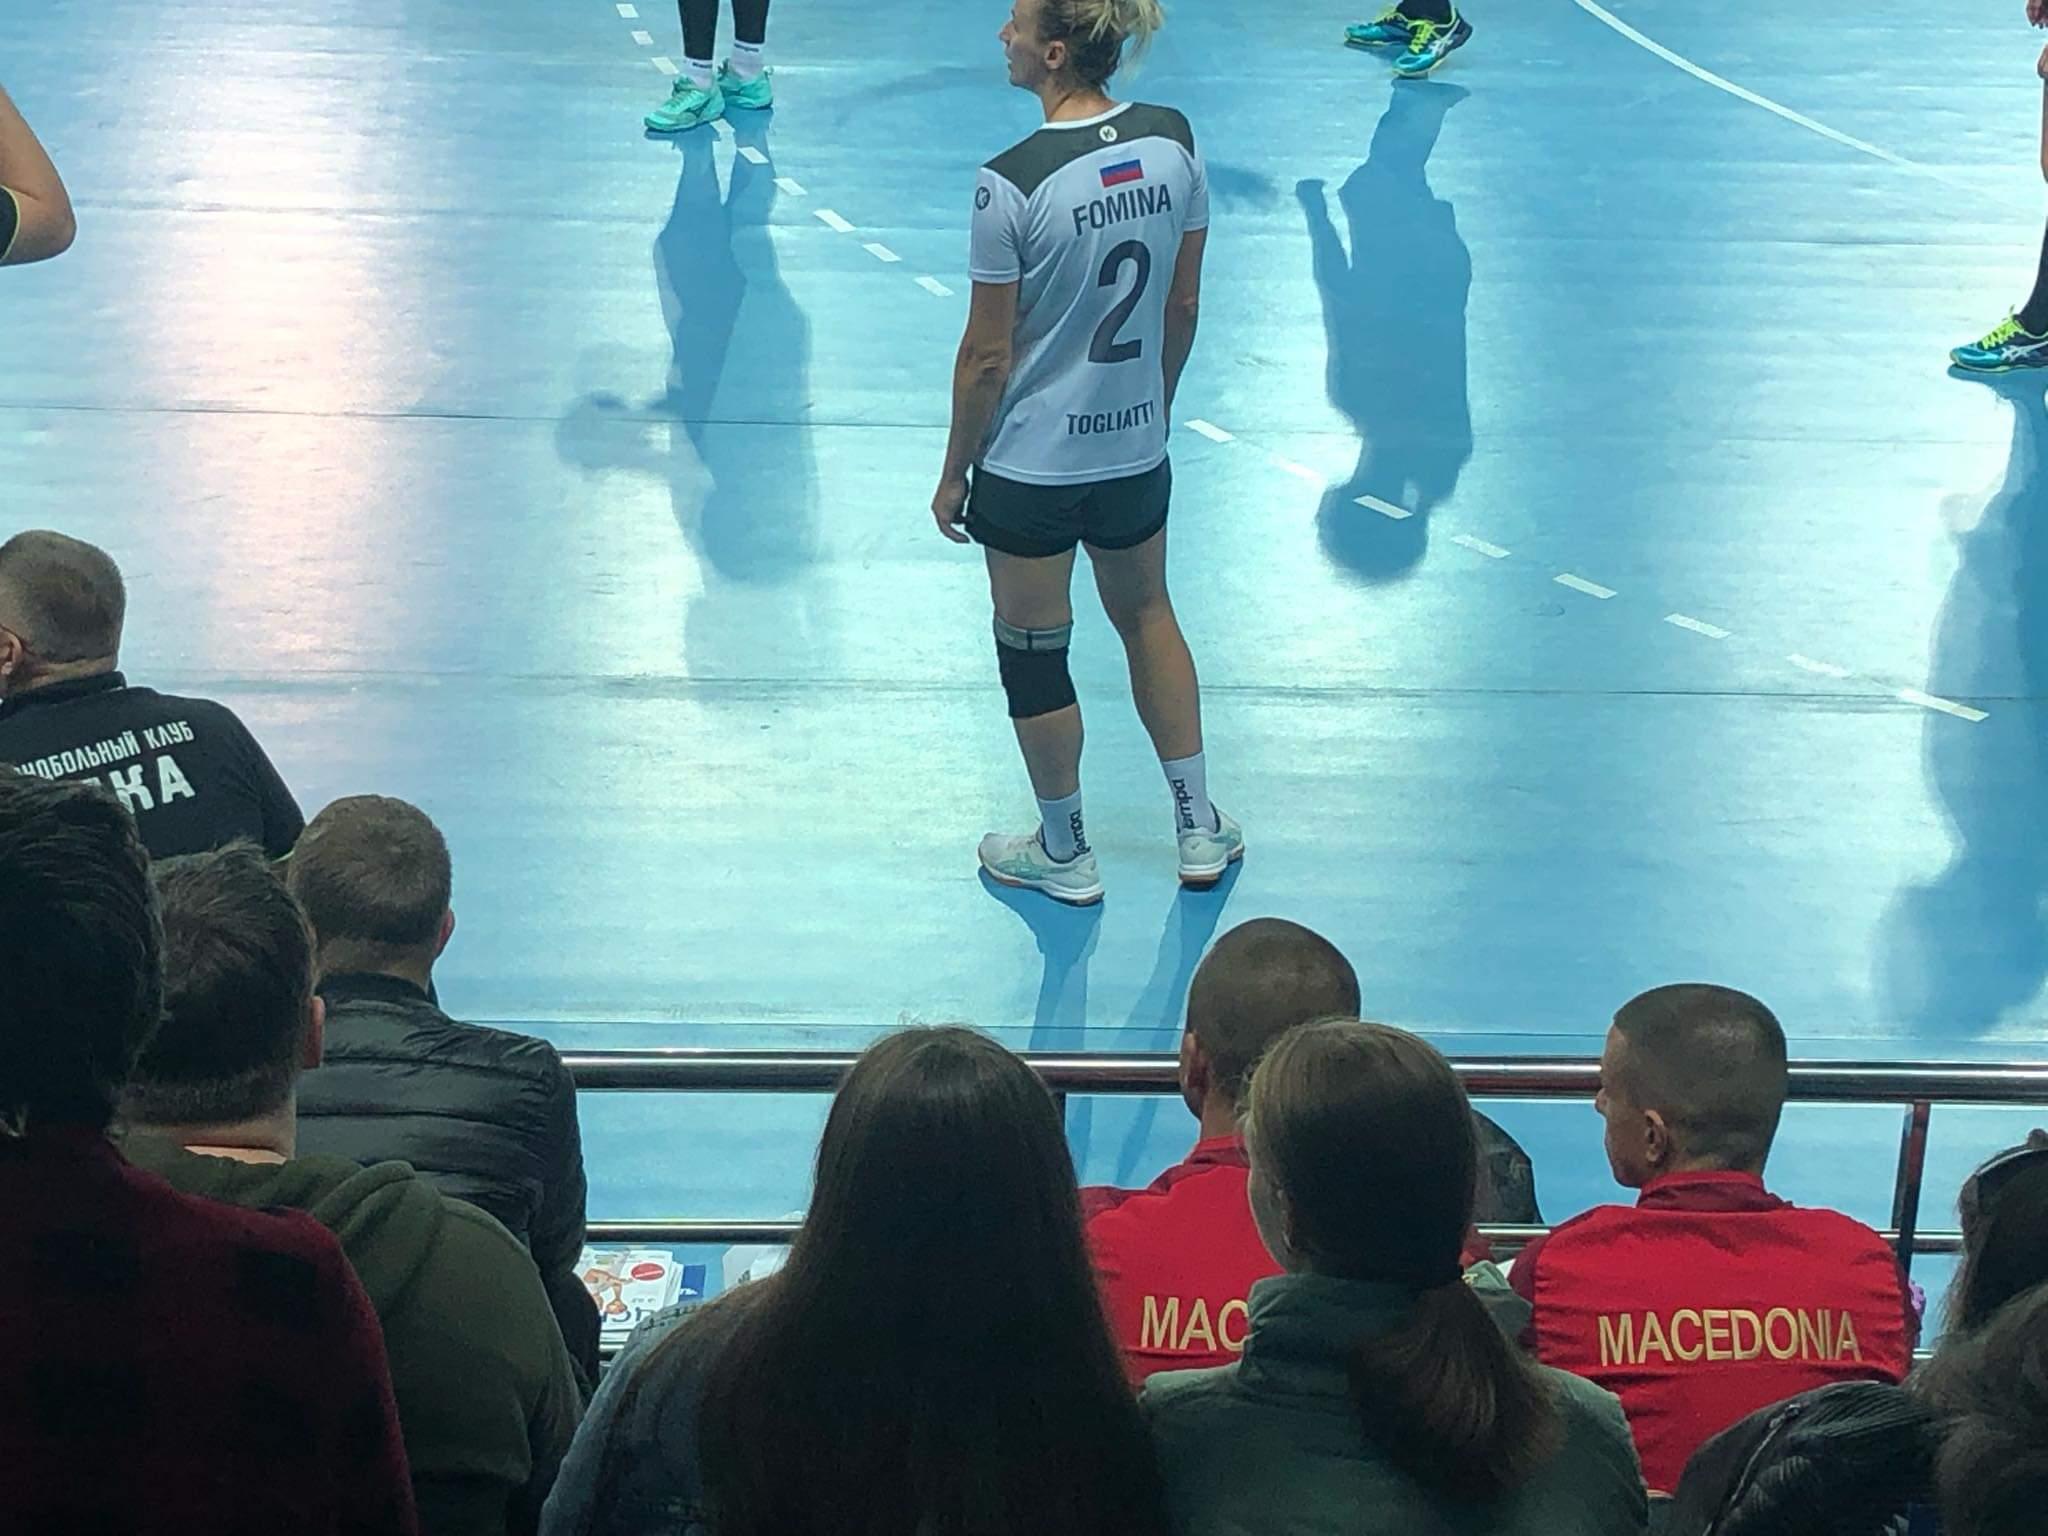 Македонци има и во Русија: Поддршка за Ристовска и ЦСКА во дербито со Лада (ФОТО)